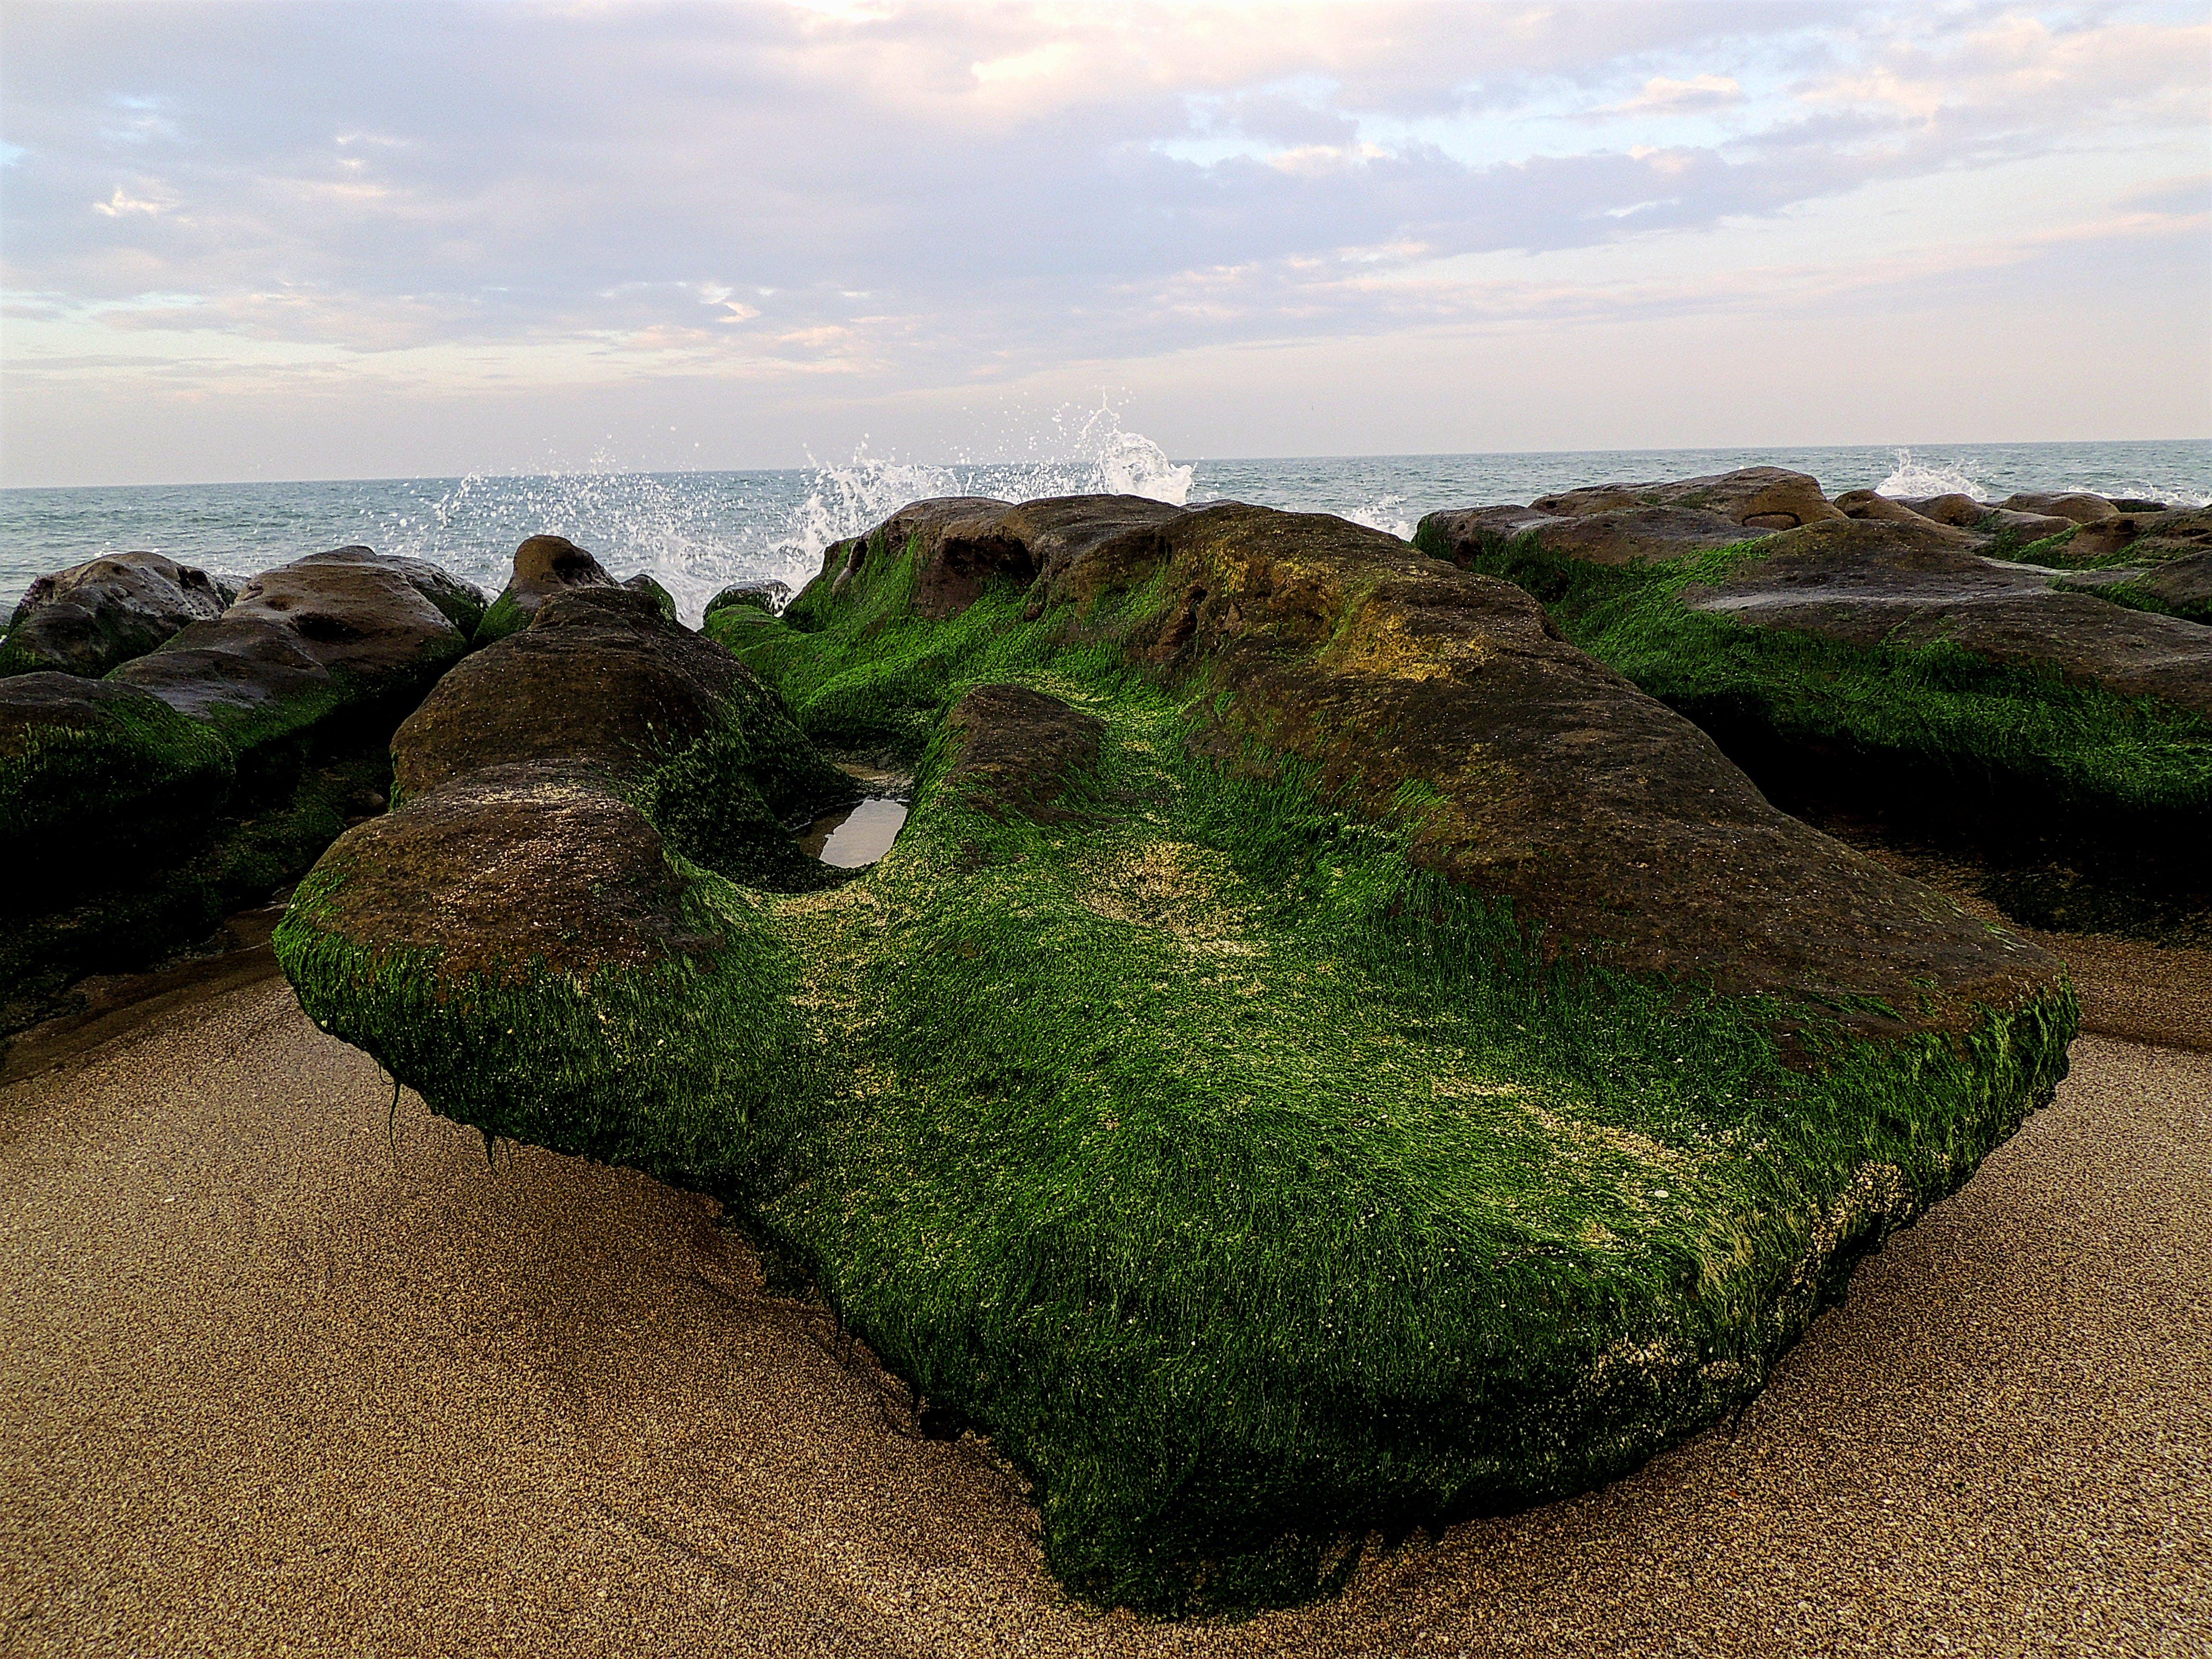 Rock Formation Beside Seashore